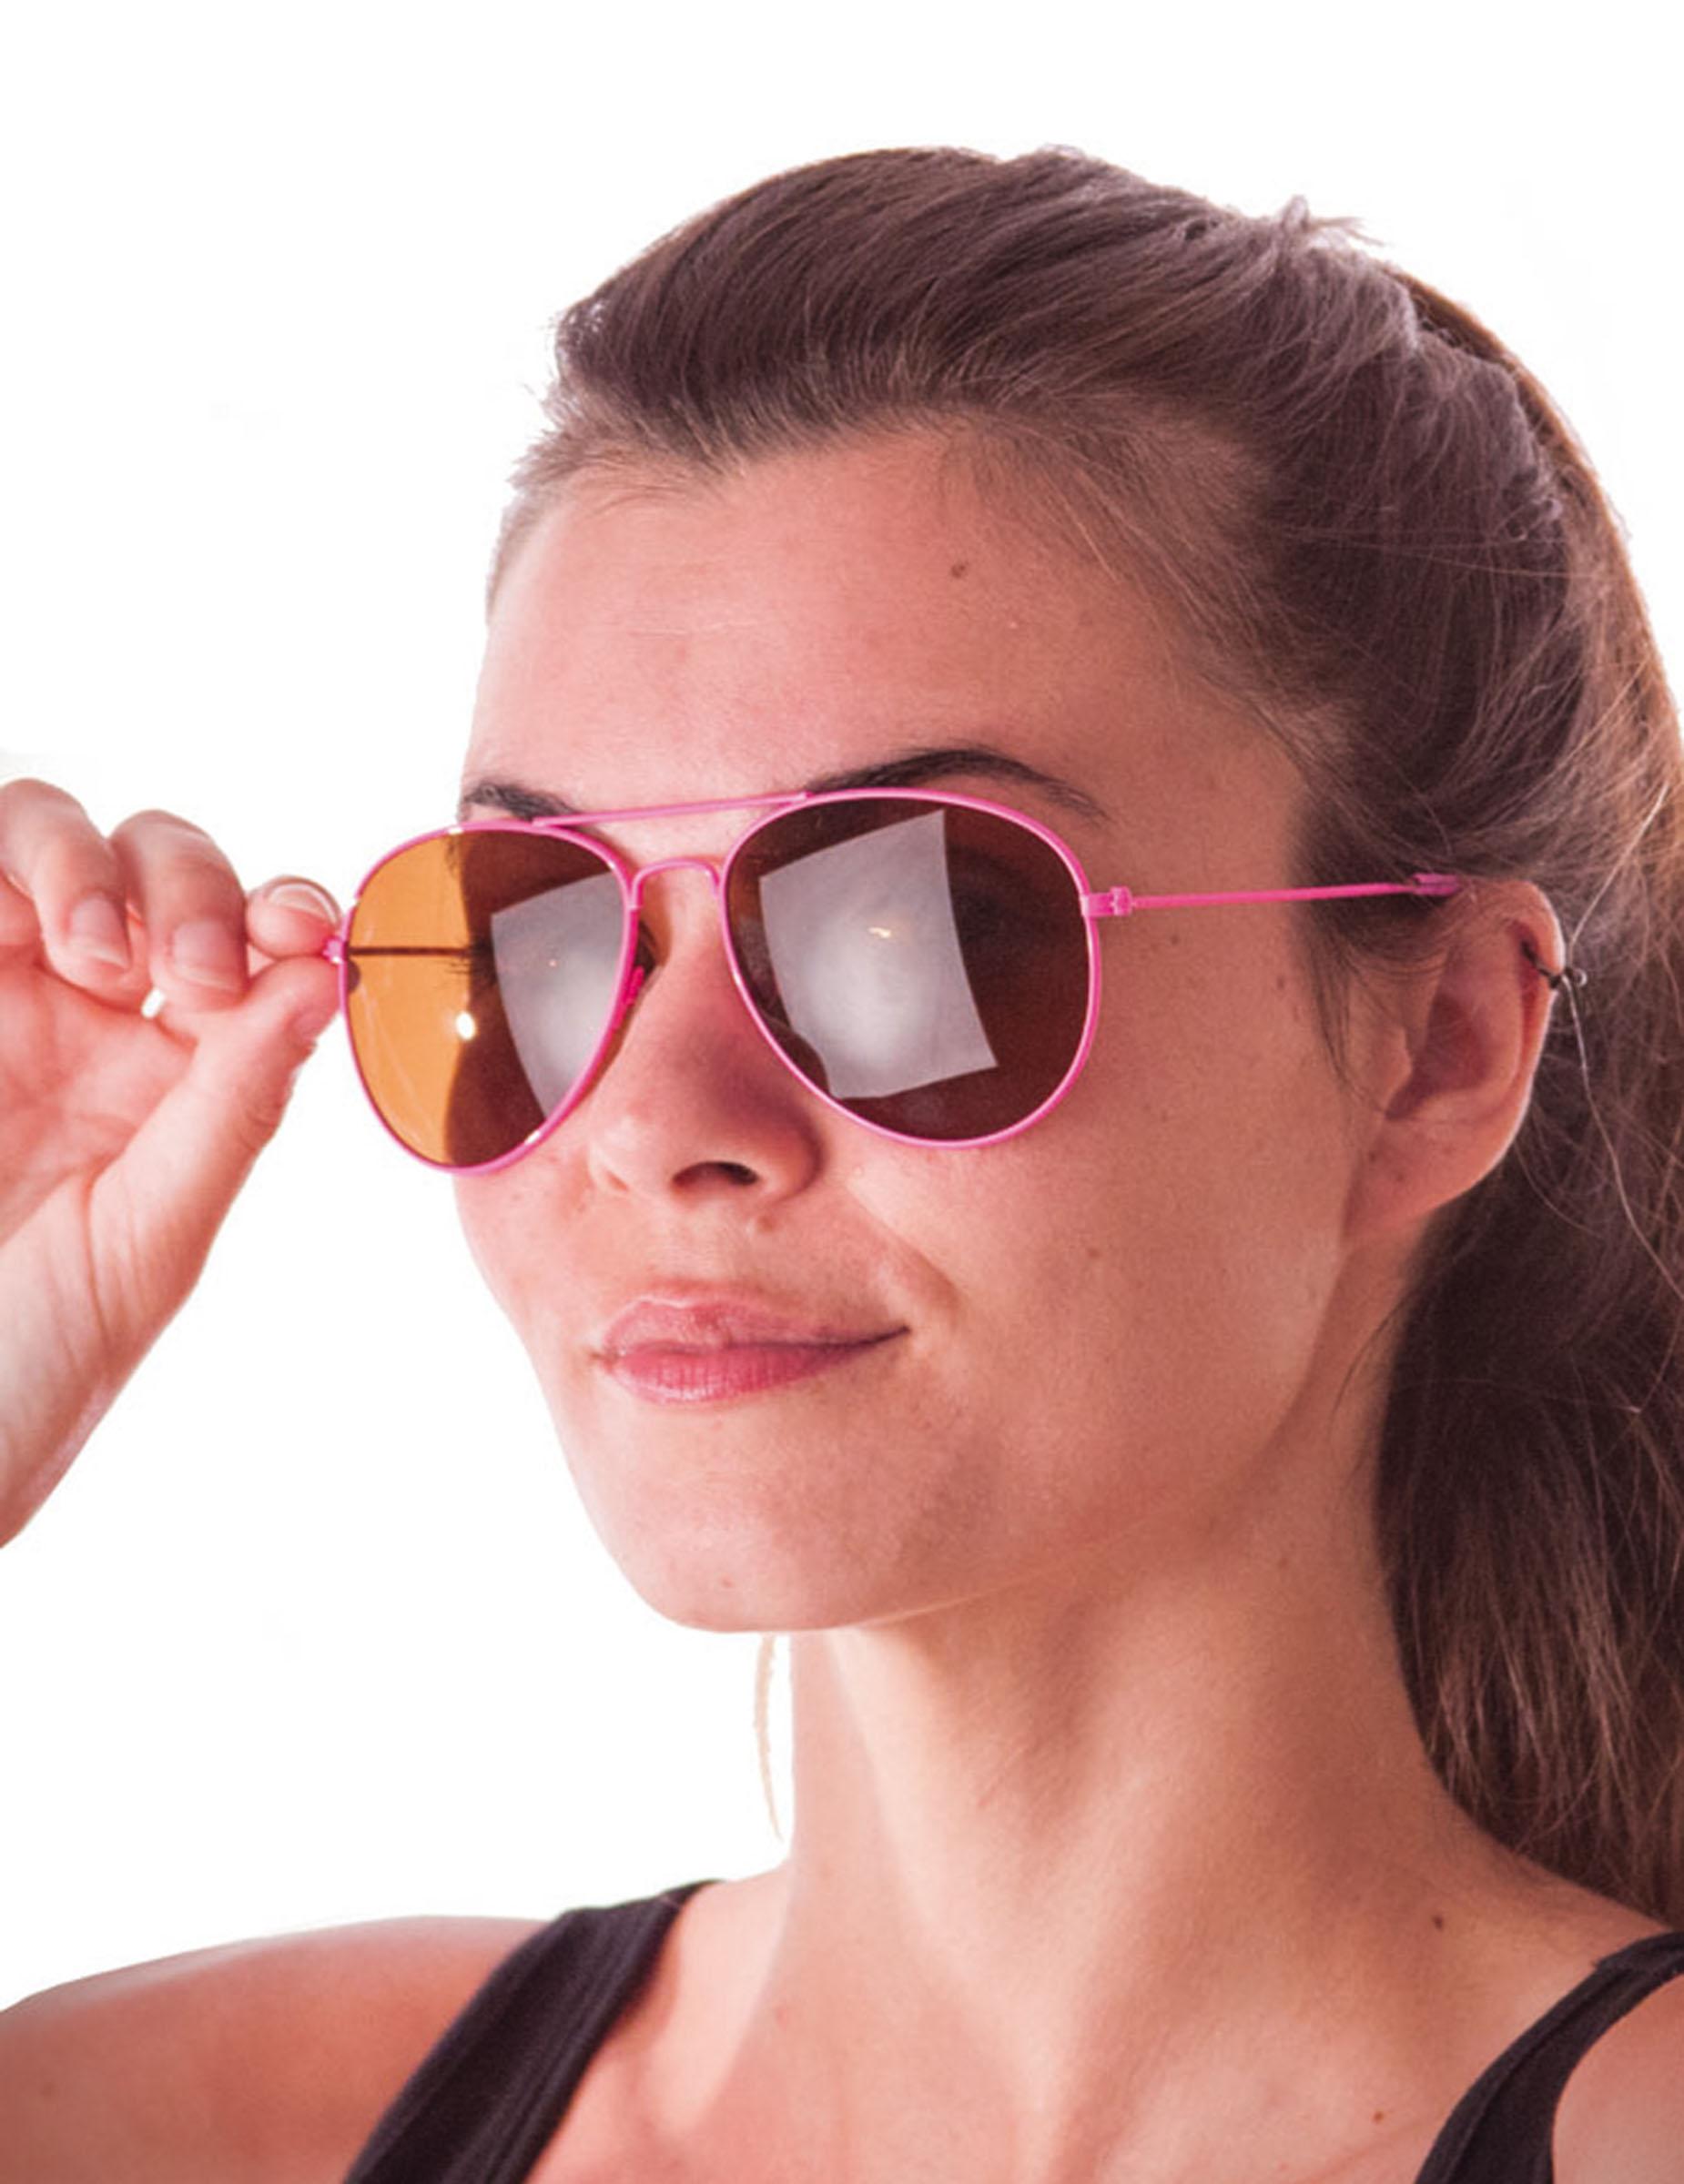 556755fcb8 Gafas aviador rosa fluorececente adulto: Accesorios,y disfraces ...